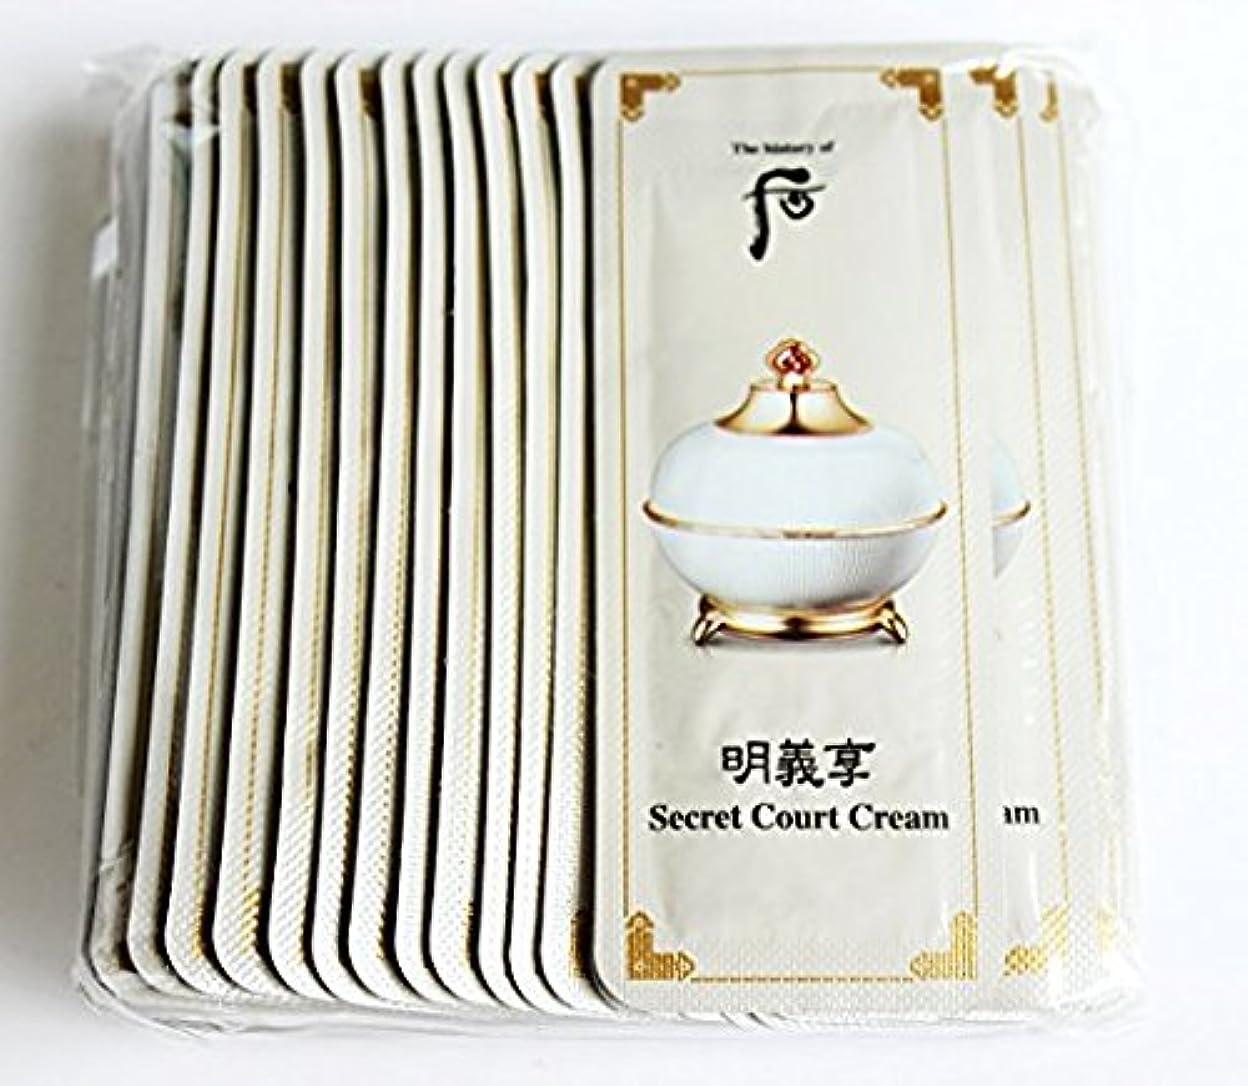 懐修正繊毛The History of Whoo Myeonguihyanng Secret Court Cream [Sample 1ml × 30ea]/ザ ヒストリー オブ フー(后) 明義享 シークレット コート クリーム...